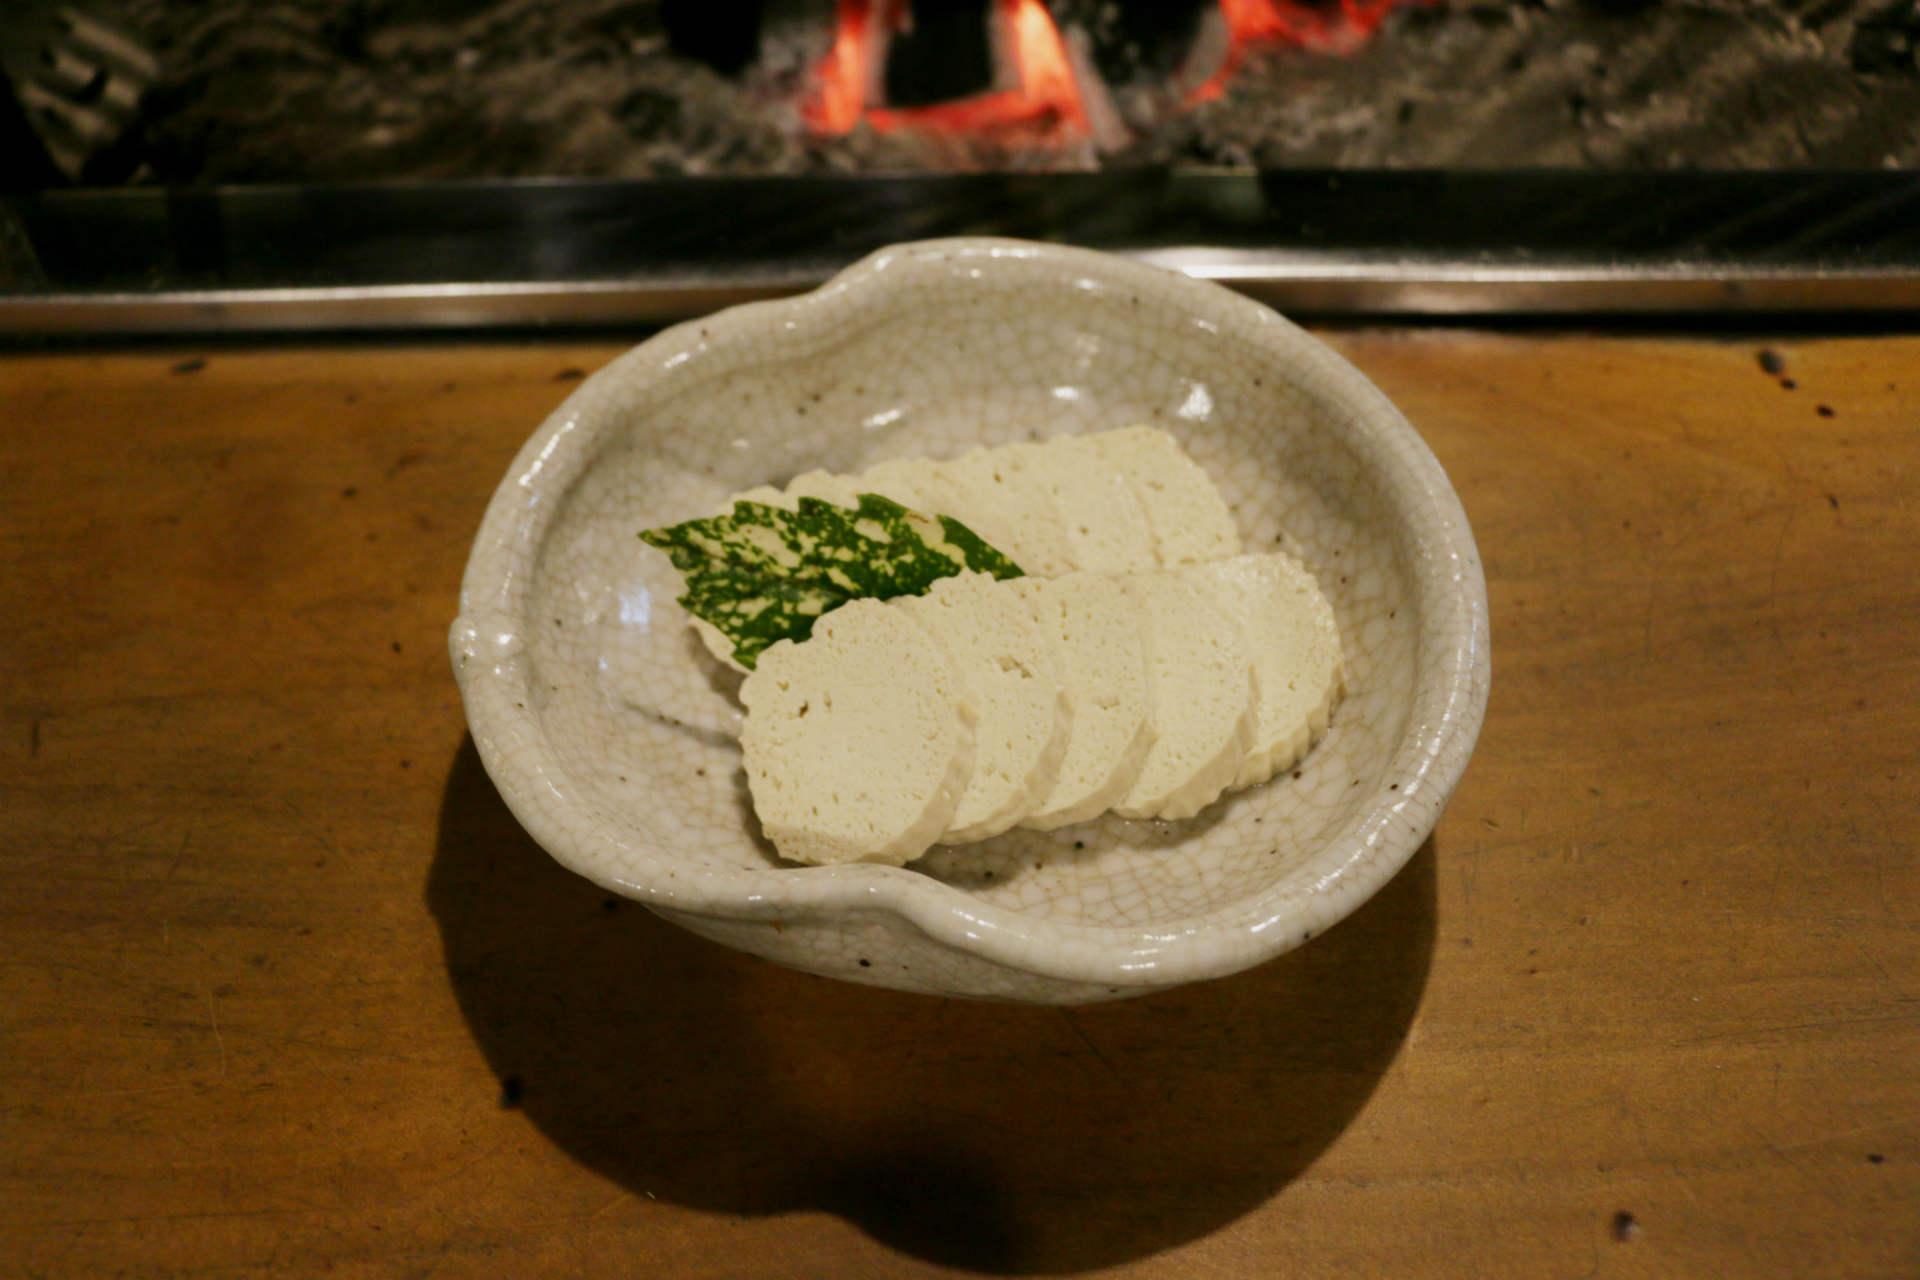 飛騨のお豆腐屋さんやスーパーでは、すまきにして水分を抜いた状態のお豆腐が売られているそうです。それを家庭ごとに醤油や出汁で味付けしたものが「こもどうふ」。冠婚葬祭やお正月のおせちにも登場するそう